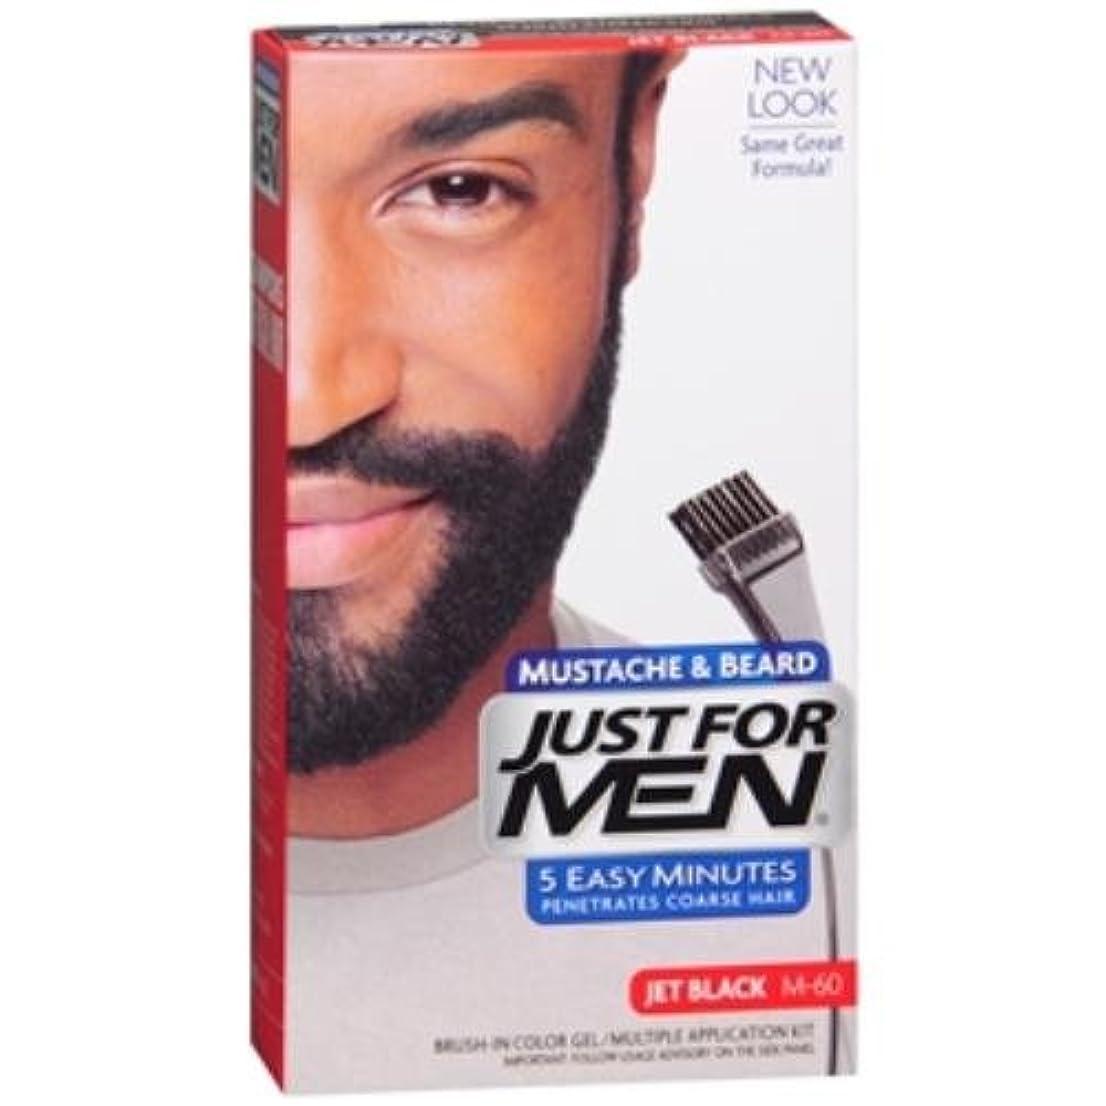 スペシャリスト四回栄光Just For Men Brush-In Color Gel Mustache & Beard Jet Black # M-60 1 Kit (並行輸入品)